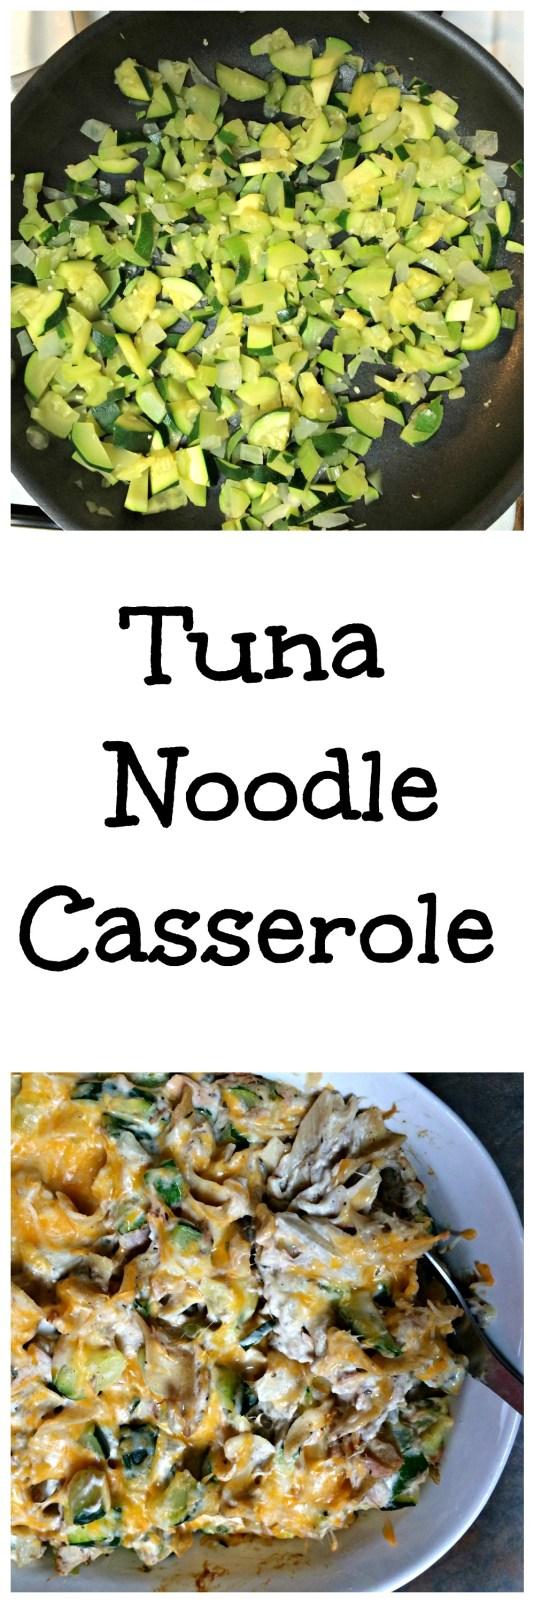 tuna noodle casserol